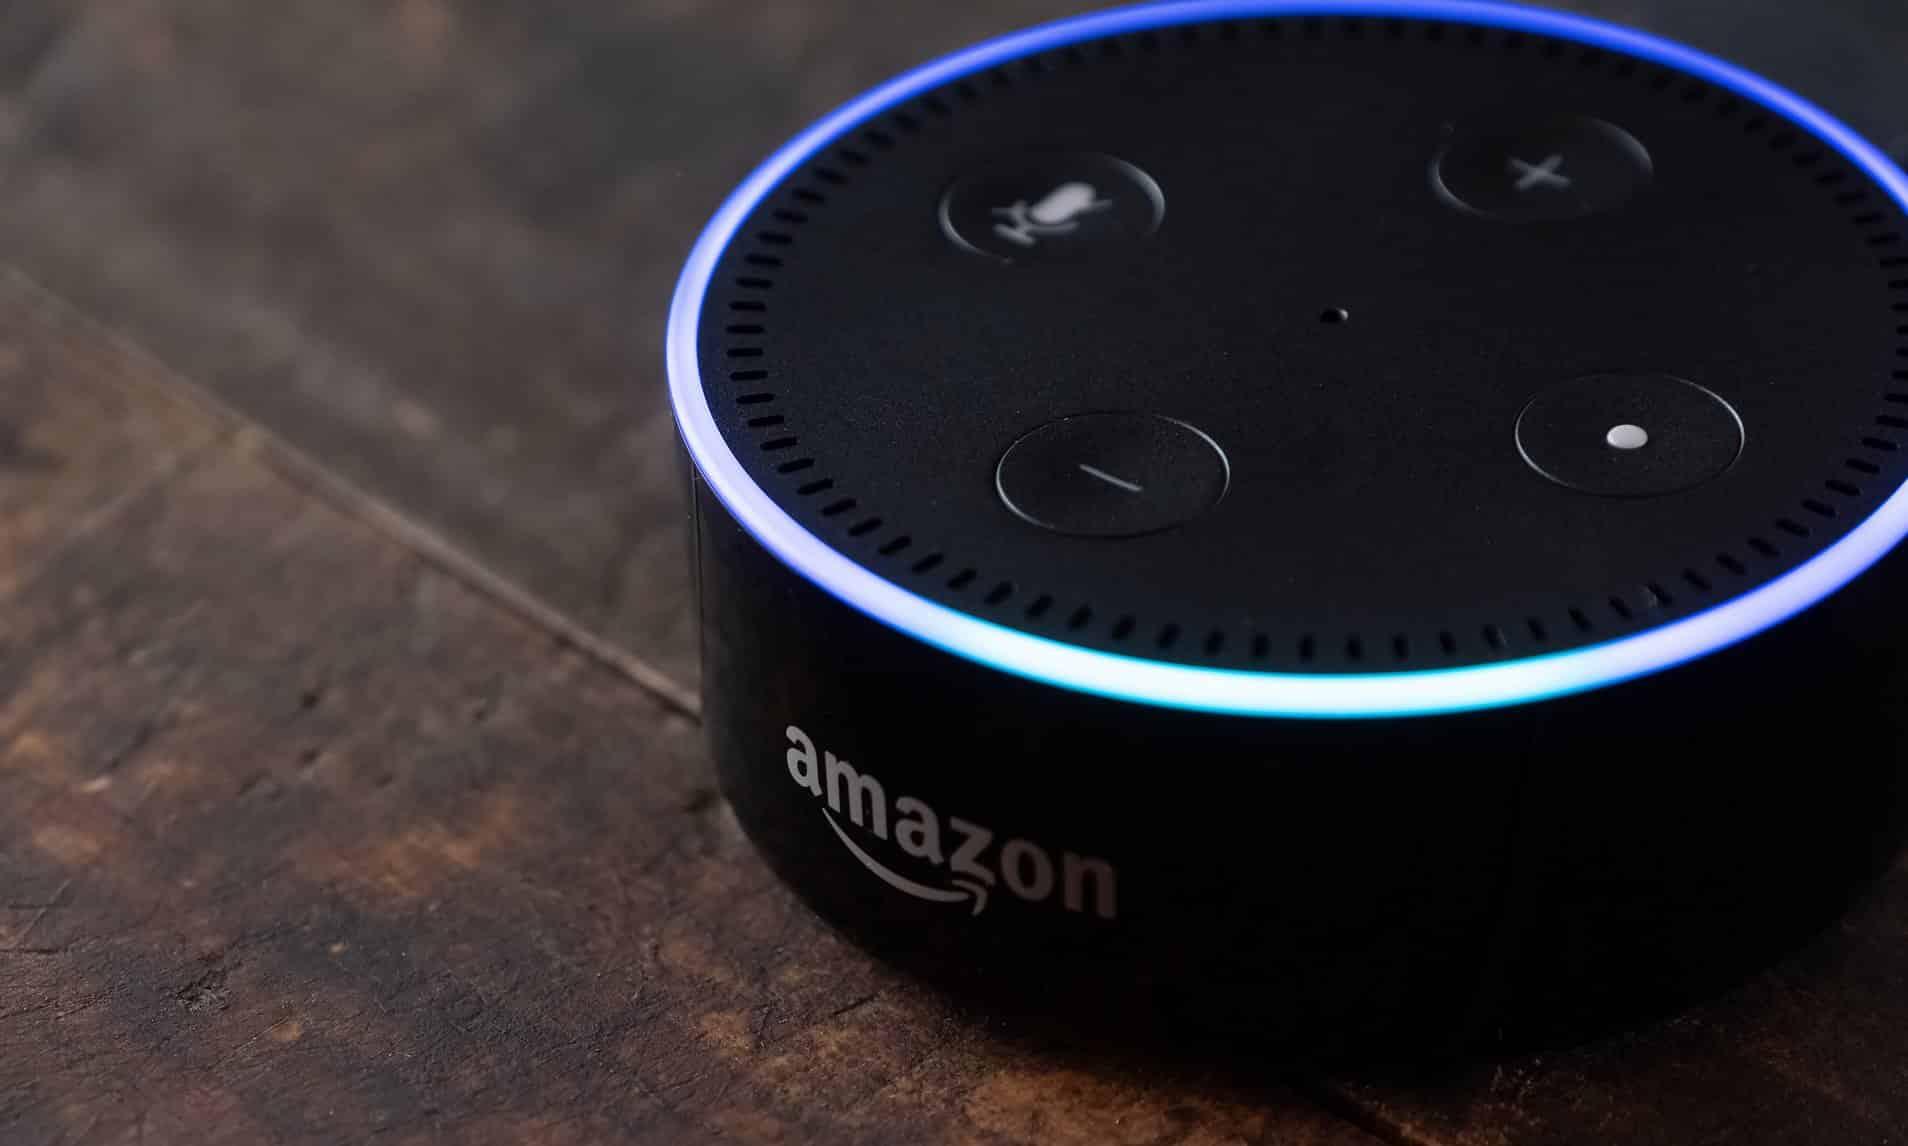 Amazon Echo ci spia: meglio tenerlo fuori dalla camera da letto